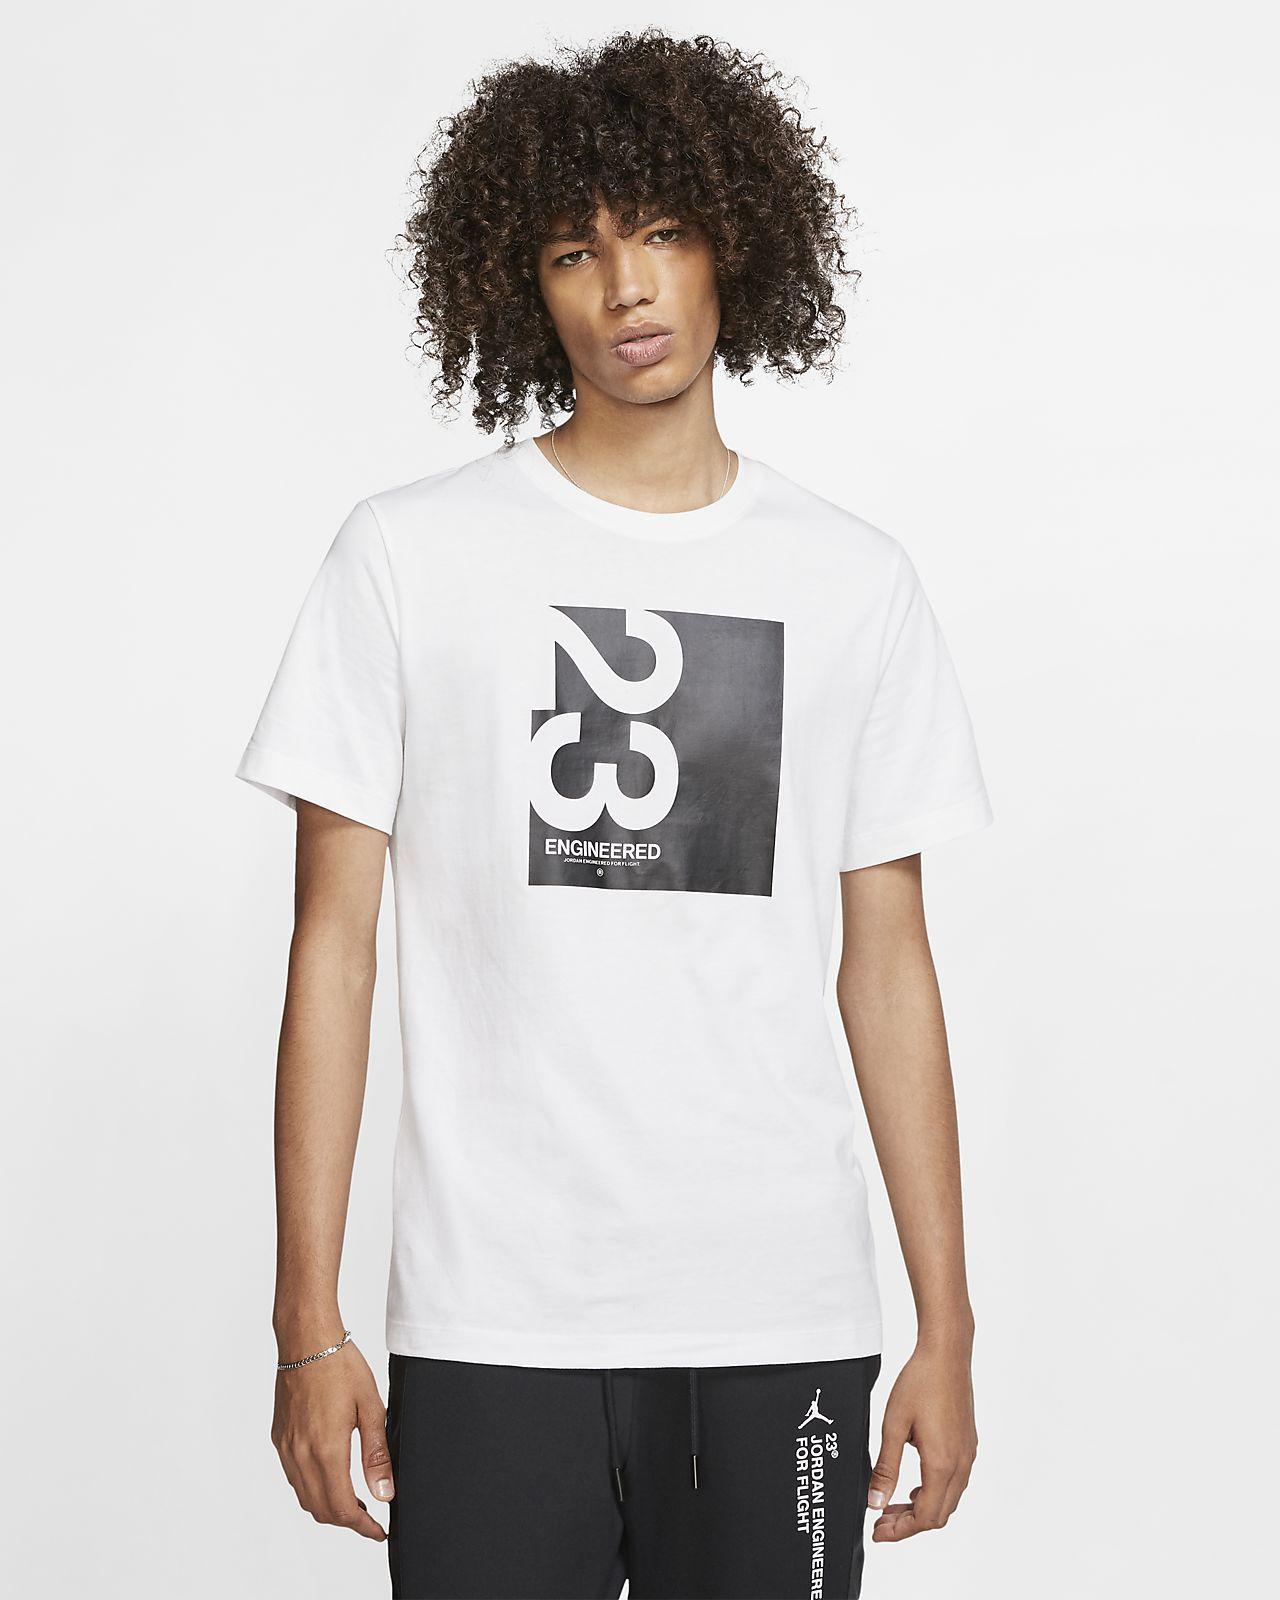 Jordan 23 Engineered Herren-T-Shirt